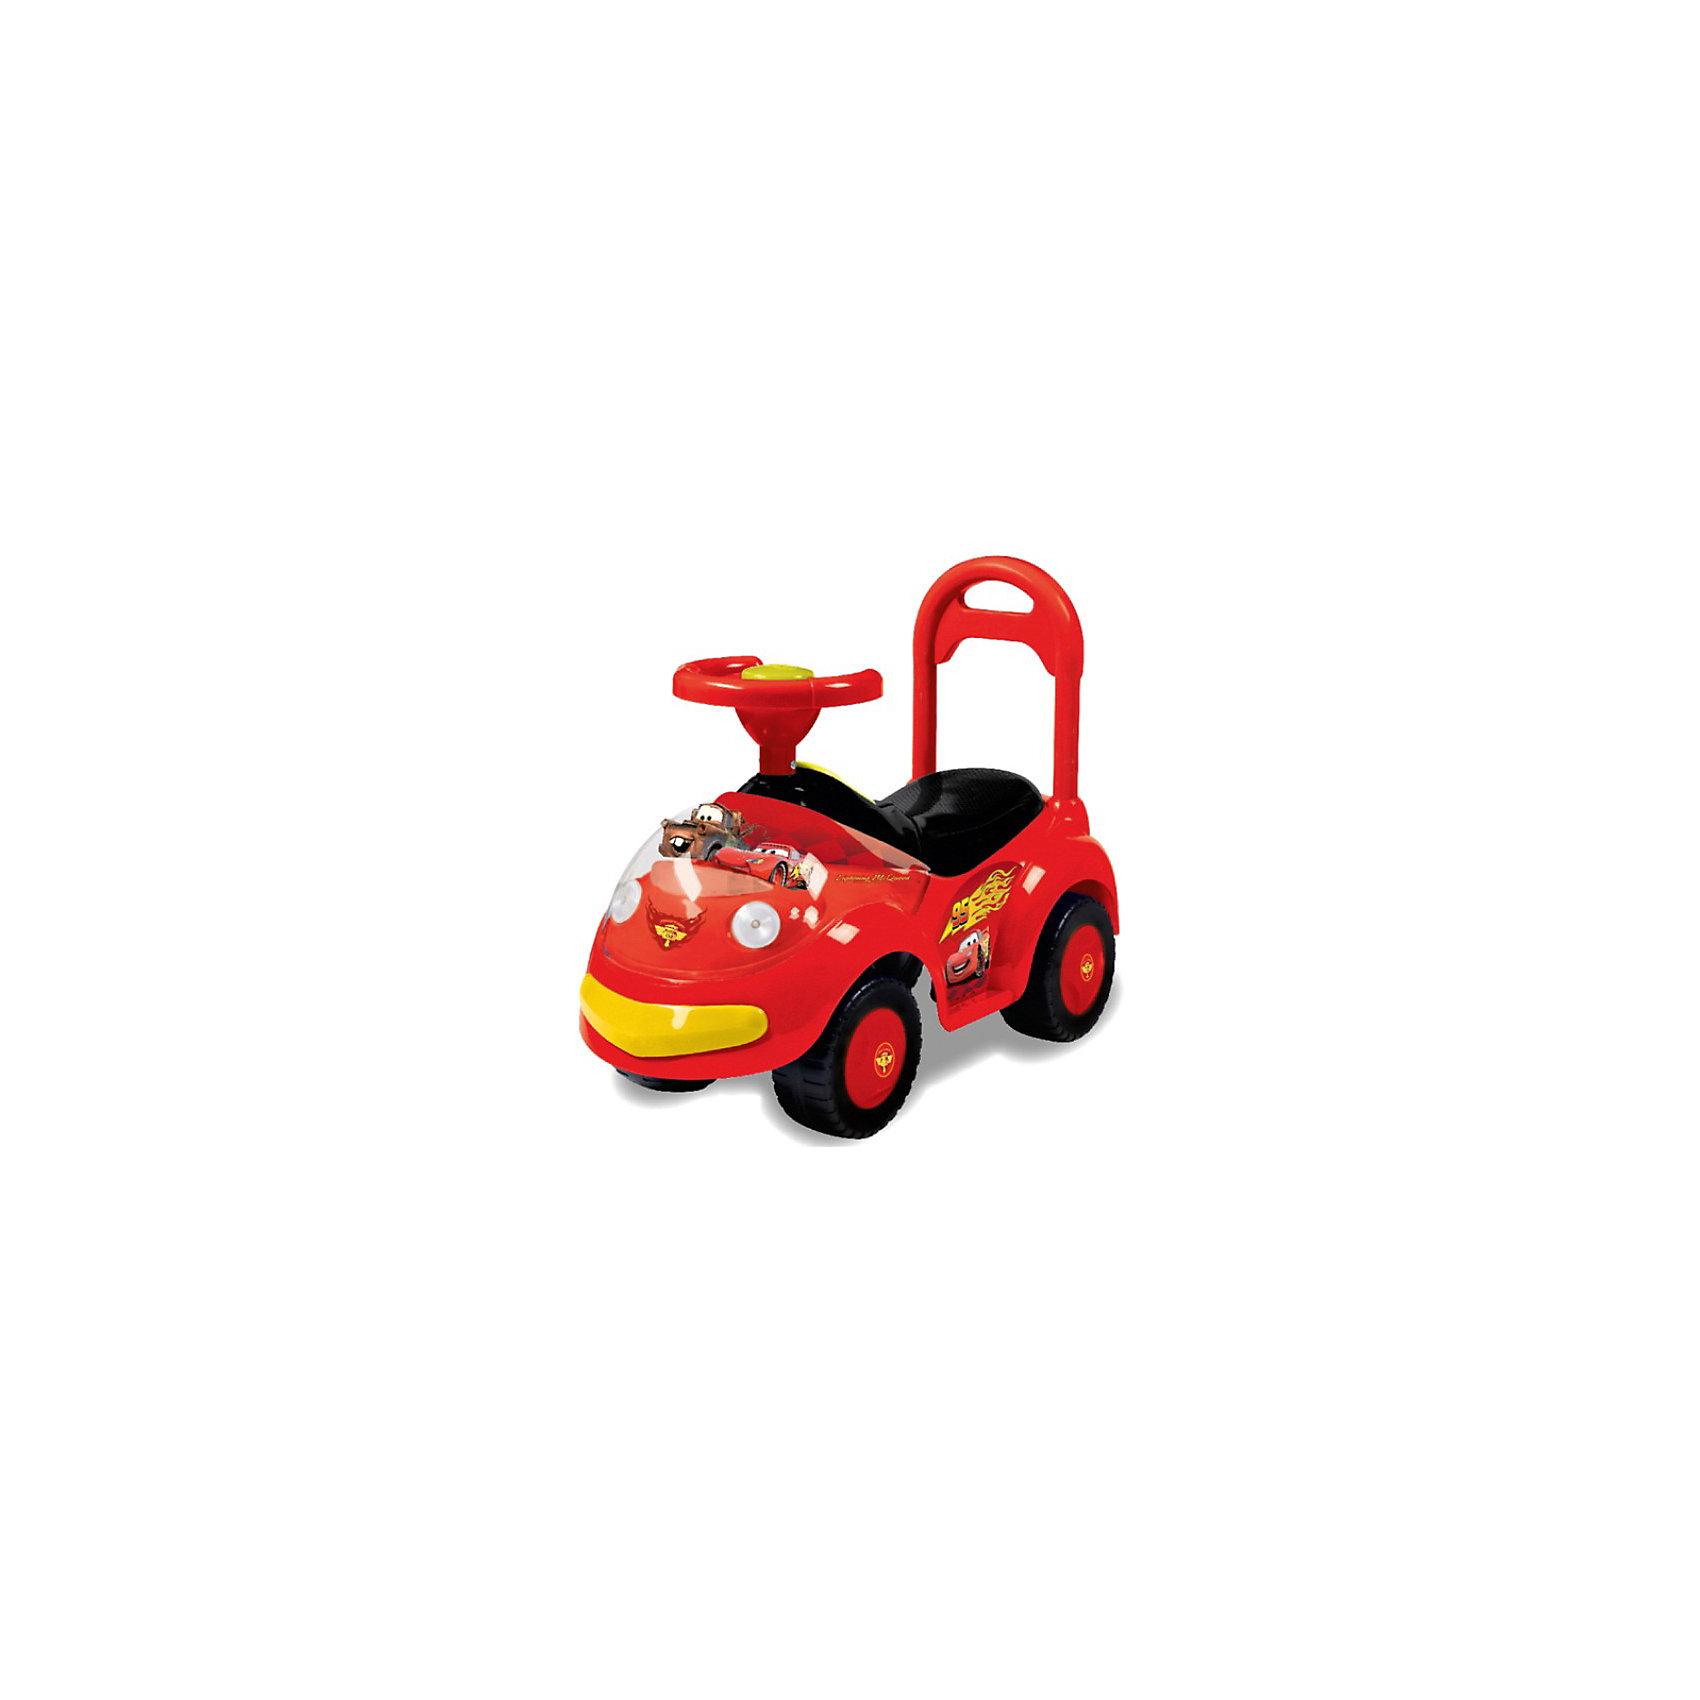 Машина-каталка Bugati, со светом и звуком, ТачкиМашинки-каталки<br>Машина-каталка Bugati, со светом и звуком, Тачки – это первый транспорт вашего малыша, на котором он может кататься самостоятельно.<br>Машинка каталка Тачки Disney отвечает всем требованиям безопасности: устойчивые колеса с рельефной поверхностью, высокая спинка, широкий руль, за который ребенку будет удобно держаться во время поездки. Машина имеет небольшое багажное отделения для игрушек. Есть световые и звуковые эффекты. На руле - кнопка-пищалка. Капот украшен игрушечными фигурками главных героев мультика Тачки. Ребенок может самостоятельно кататься на машинке, отталкиваясь ногами от пола. Если его катают родители, держась за высокую спинку сиденья, малыш сможет комфортно разместить ноги на подножках каталки. Ваш юный водитель будет чувствовать себя максимально комфортно.<br><br>Дополнительная информация:<br><br>- Допустимый вес ребенка: до 25 кг.<br>- Длина: 60 см.<br>- Высота сиденья: 23 см.<br>- Ширина сиденья: 20 см.<br>- Материал: пластик<br>- Эффекты: свет, звук<br>- Требуются батарейки типа АА<br>- Вес: 1,28 кг.<br><br>Машину-каталку Bugati, со светом и звуком, Тачки можно купить в нашем интернет-магазине.<br><br>Ширина мм: 280<br>Глубина мм: 660<br>Высота мм: 500<br>Вес г: 1460<br>Возраст от месяцев: 12<br>Возраст до месяцев: 48<br>Пол: Мужской<br>Возраст: Детский<br>SKU: 3789454